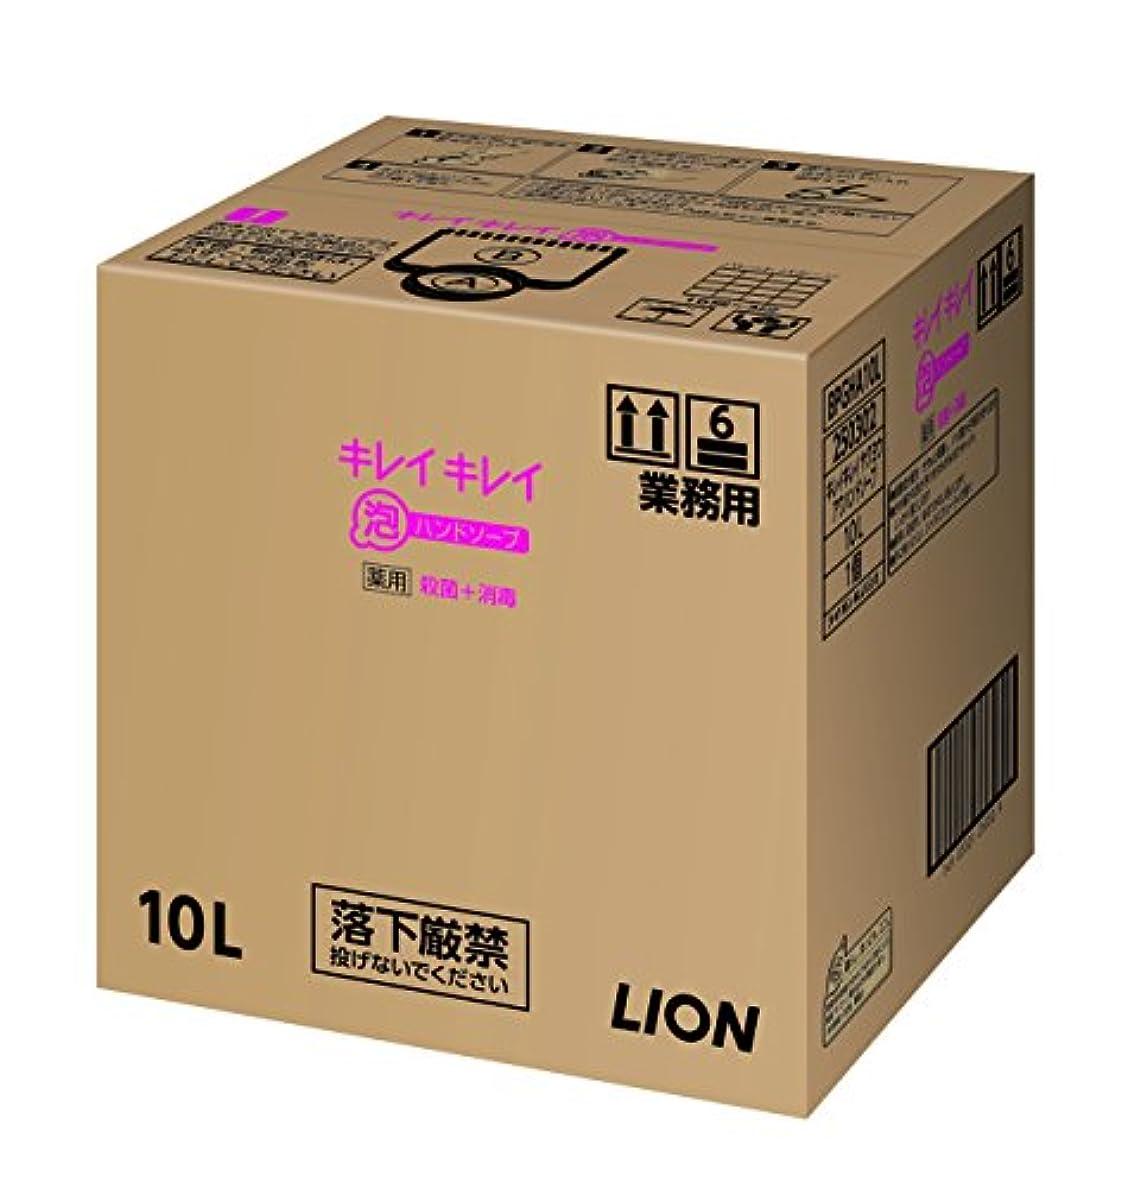 ロマンチック治療こしょう【業務用 大容量】キレイキレイ 薬用 泡ハンドソープ シトラスフルーティの香り 10L(医薬部外品)